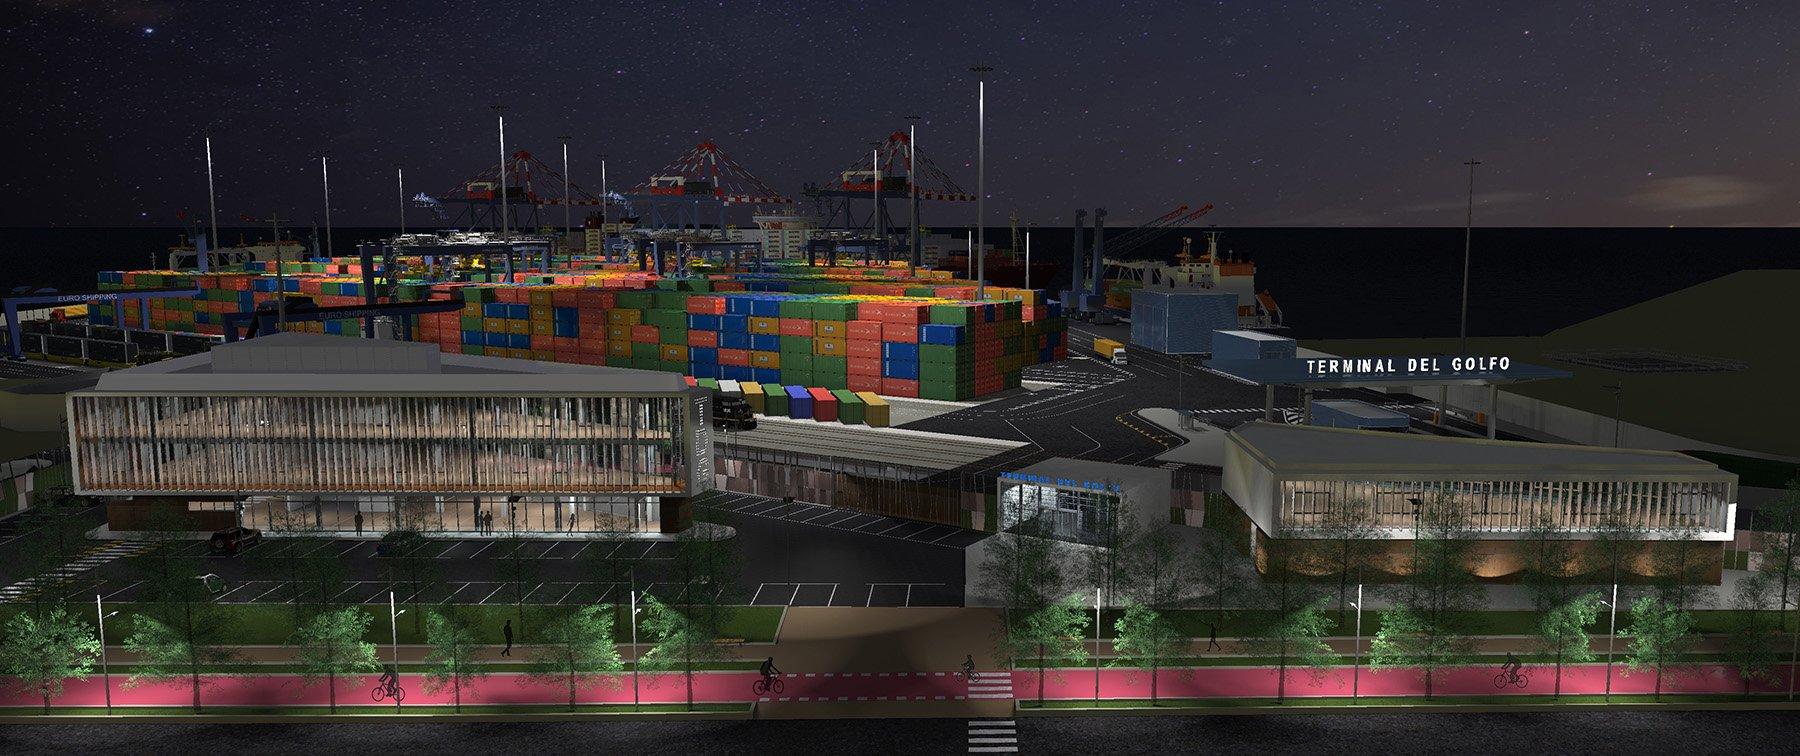 Vista notturna dell'area del personale verso la città